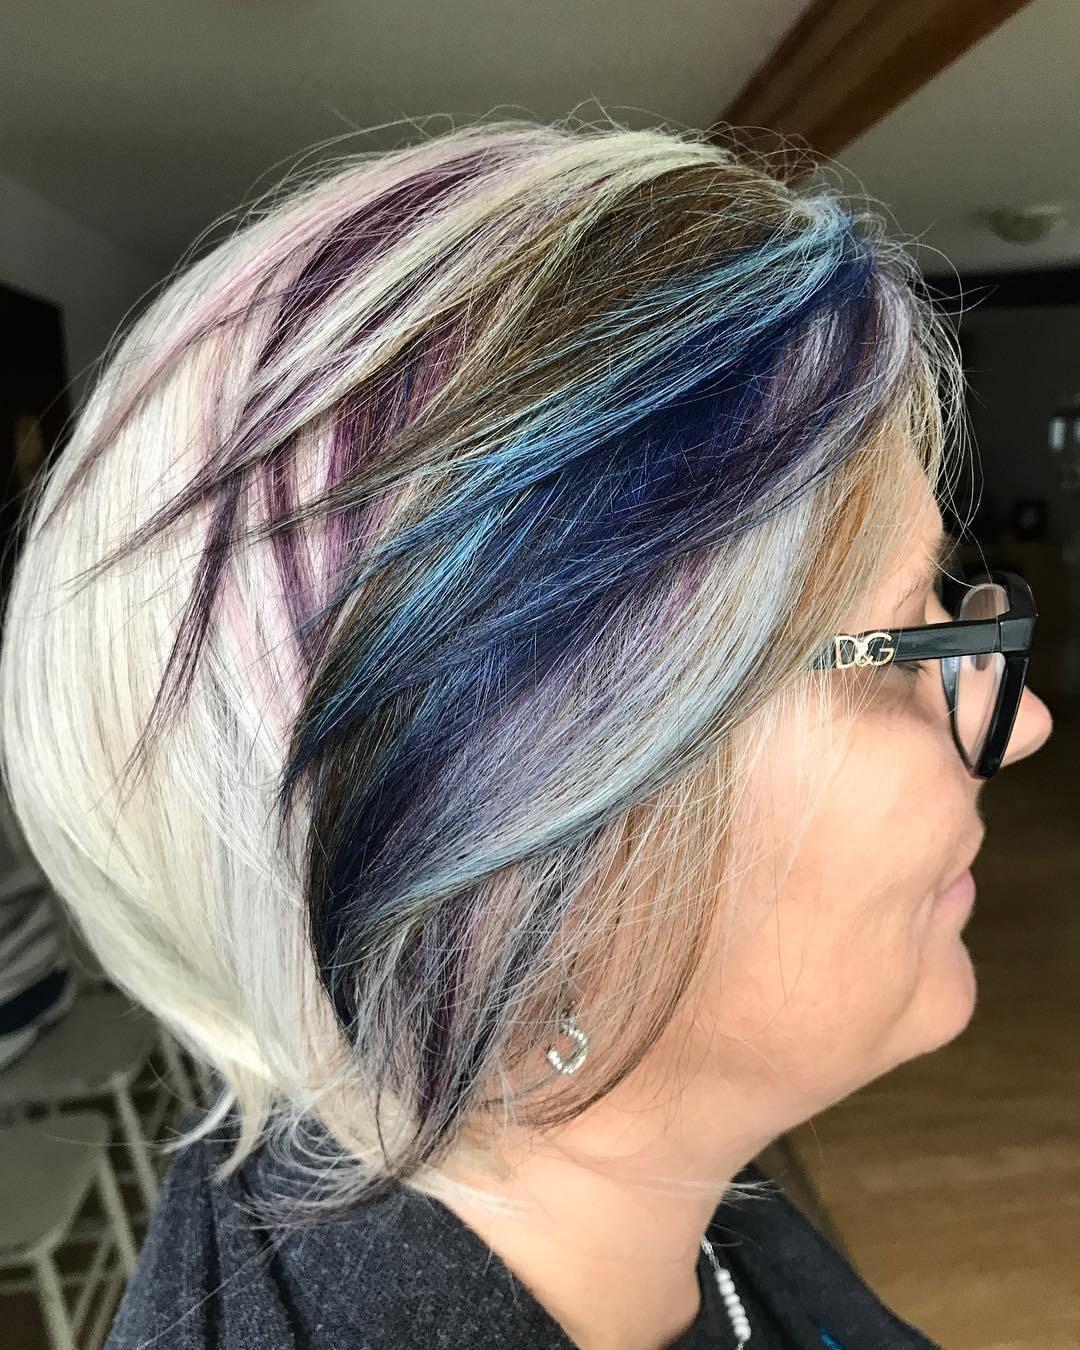 50 gray hair styles trending in 2021 hair adviser